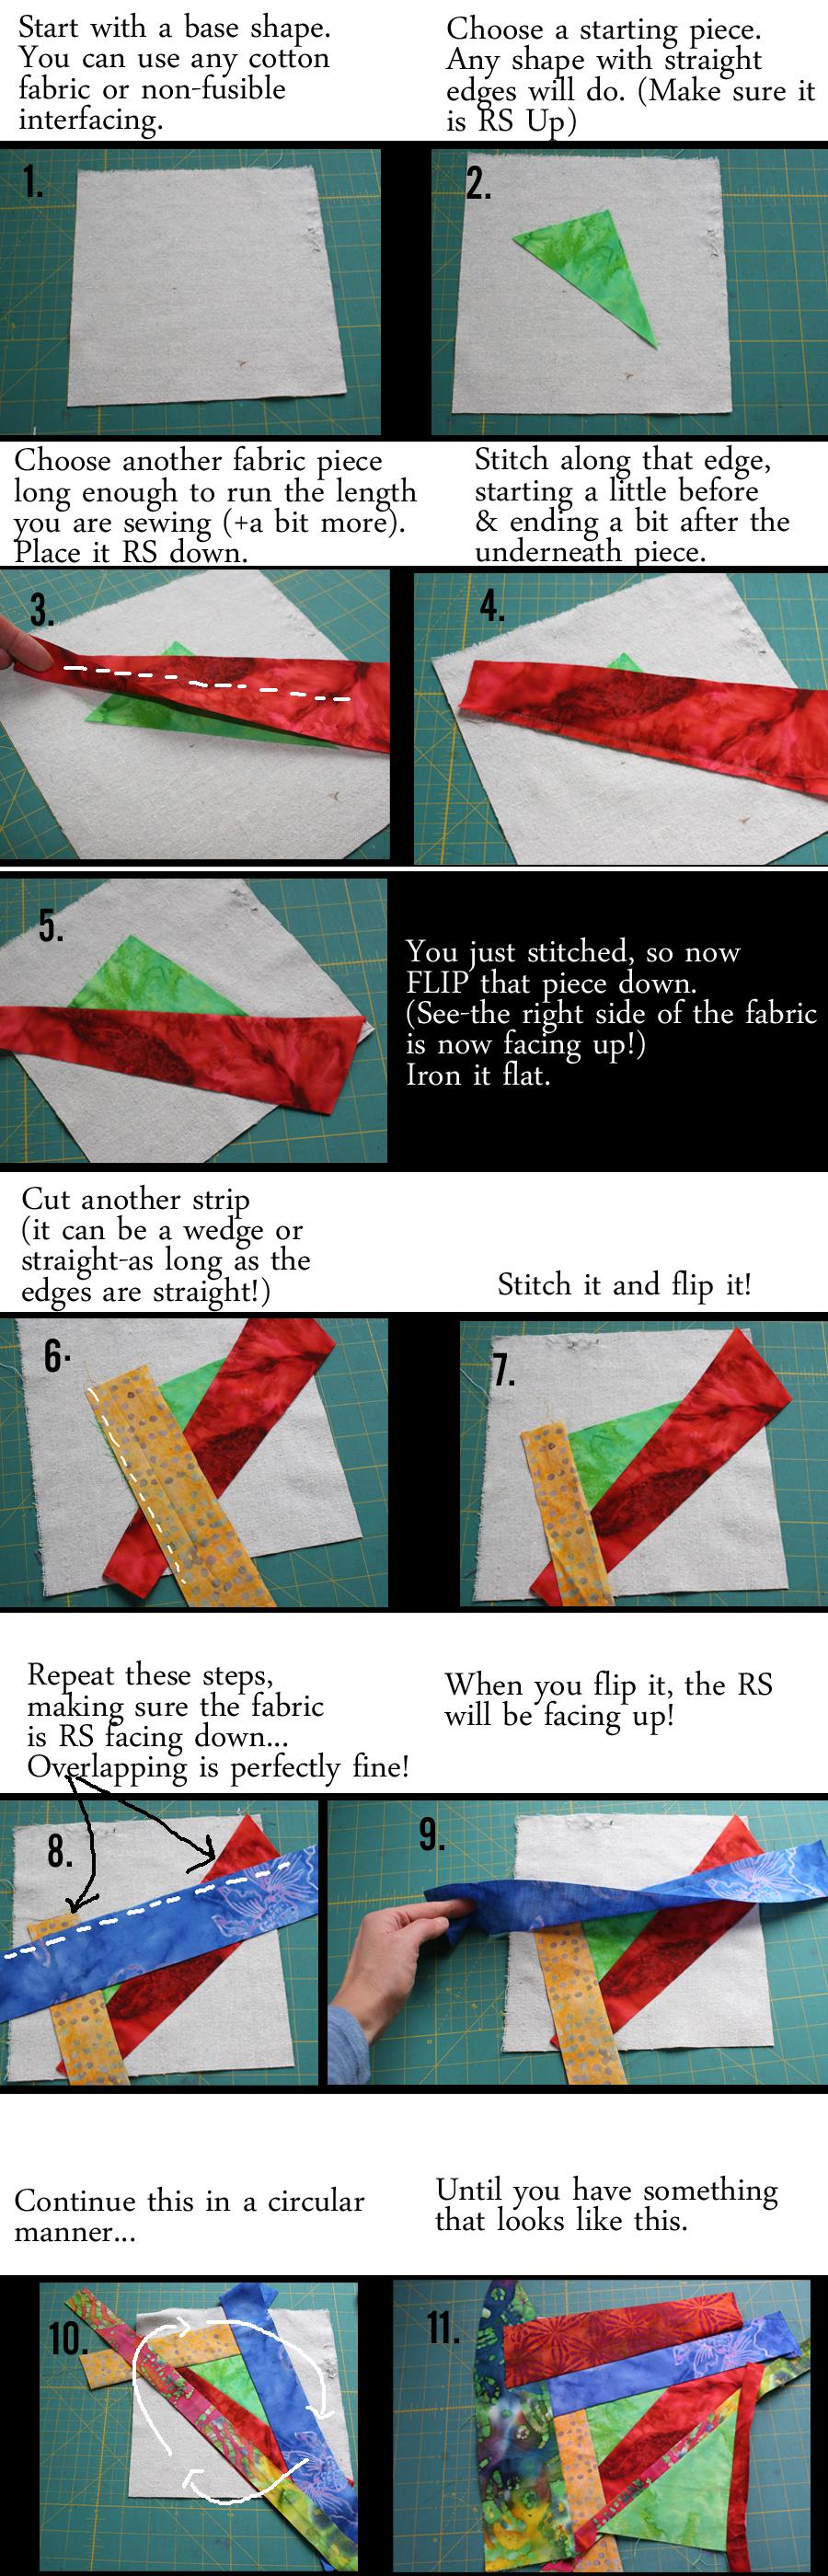 stitch n flip techniques